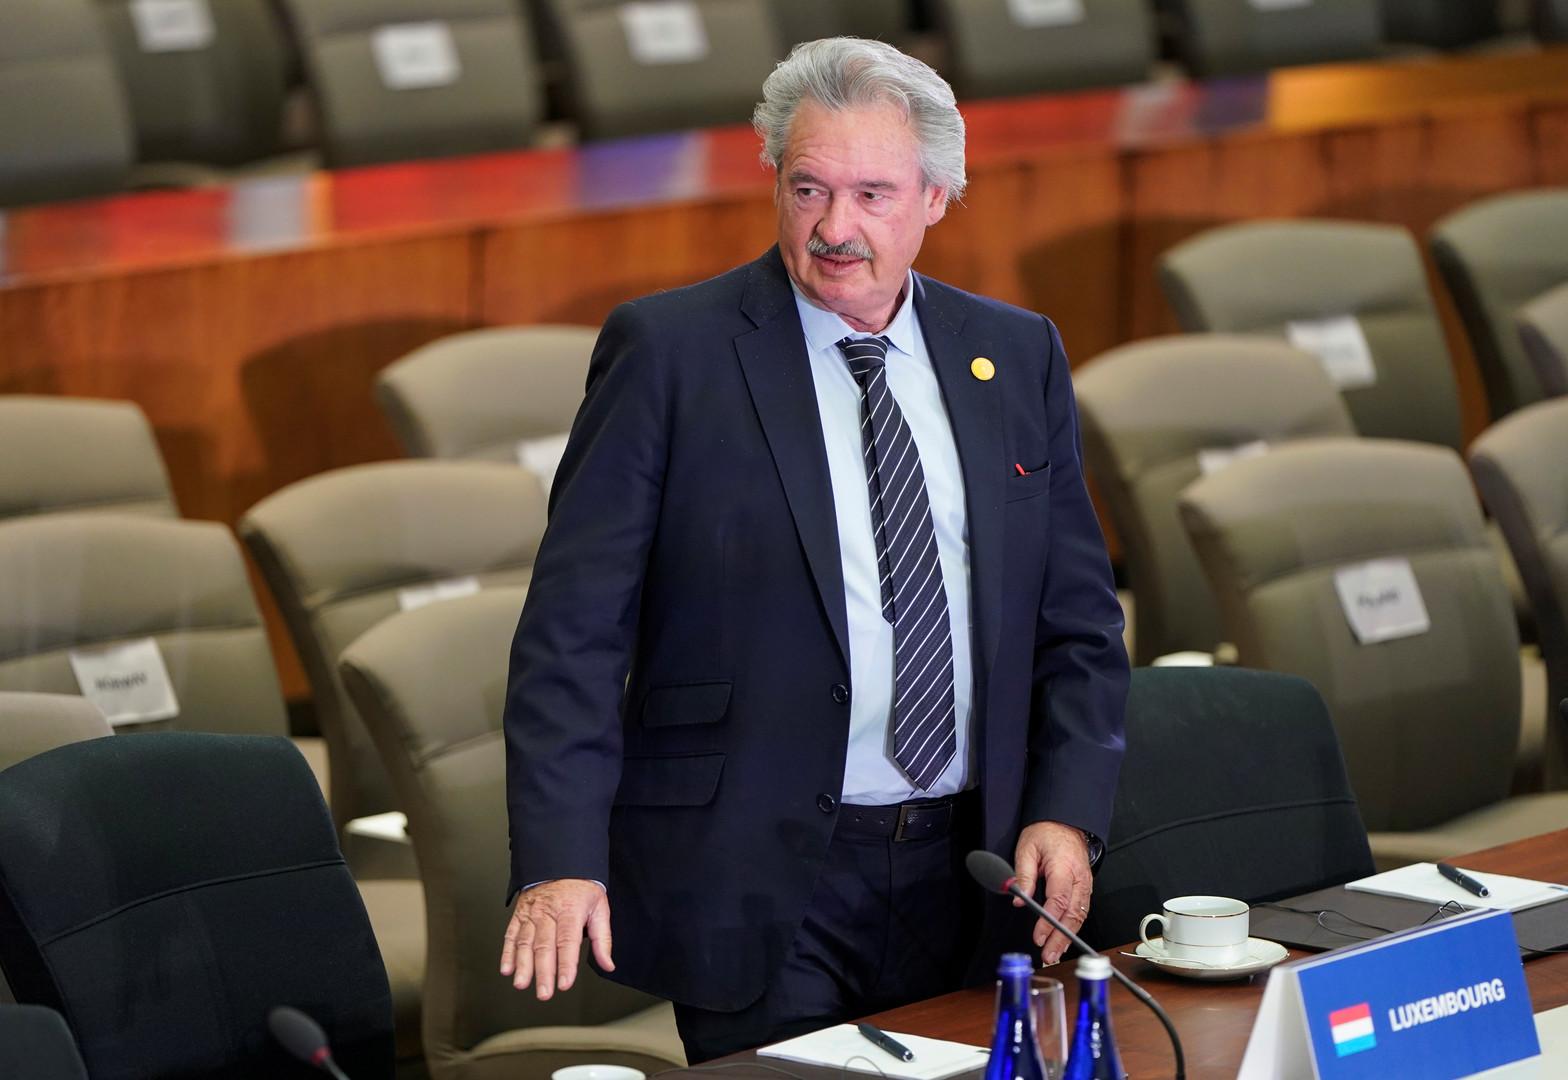 حادث ناقلات خليج عمان.. وزراء أوروبيون غير مقتنعين بـ